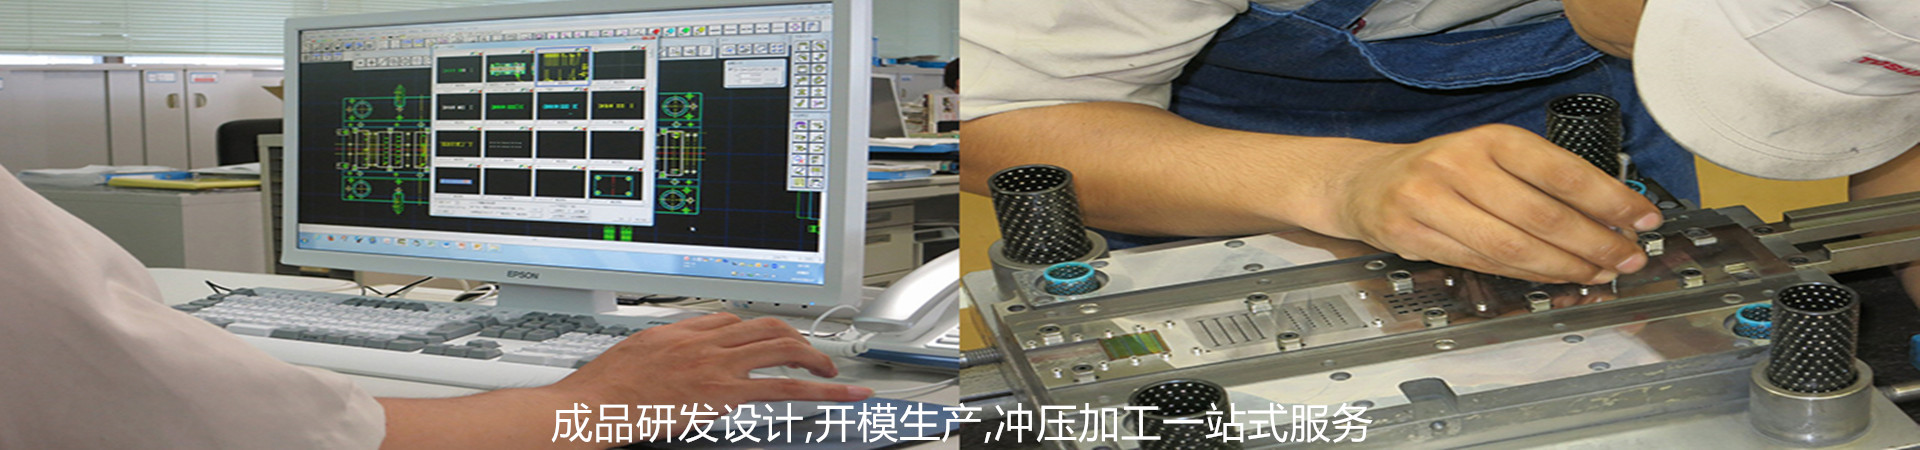 成品開發設計,開模生產,沖壓加工一站式服務